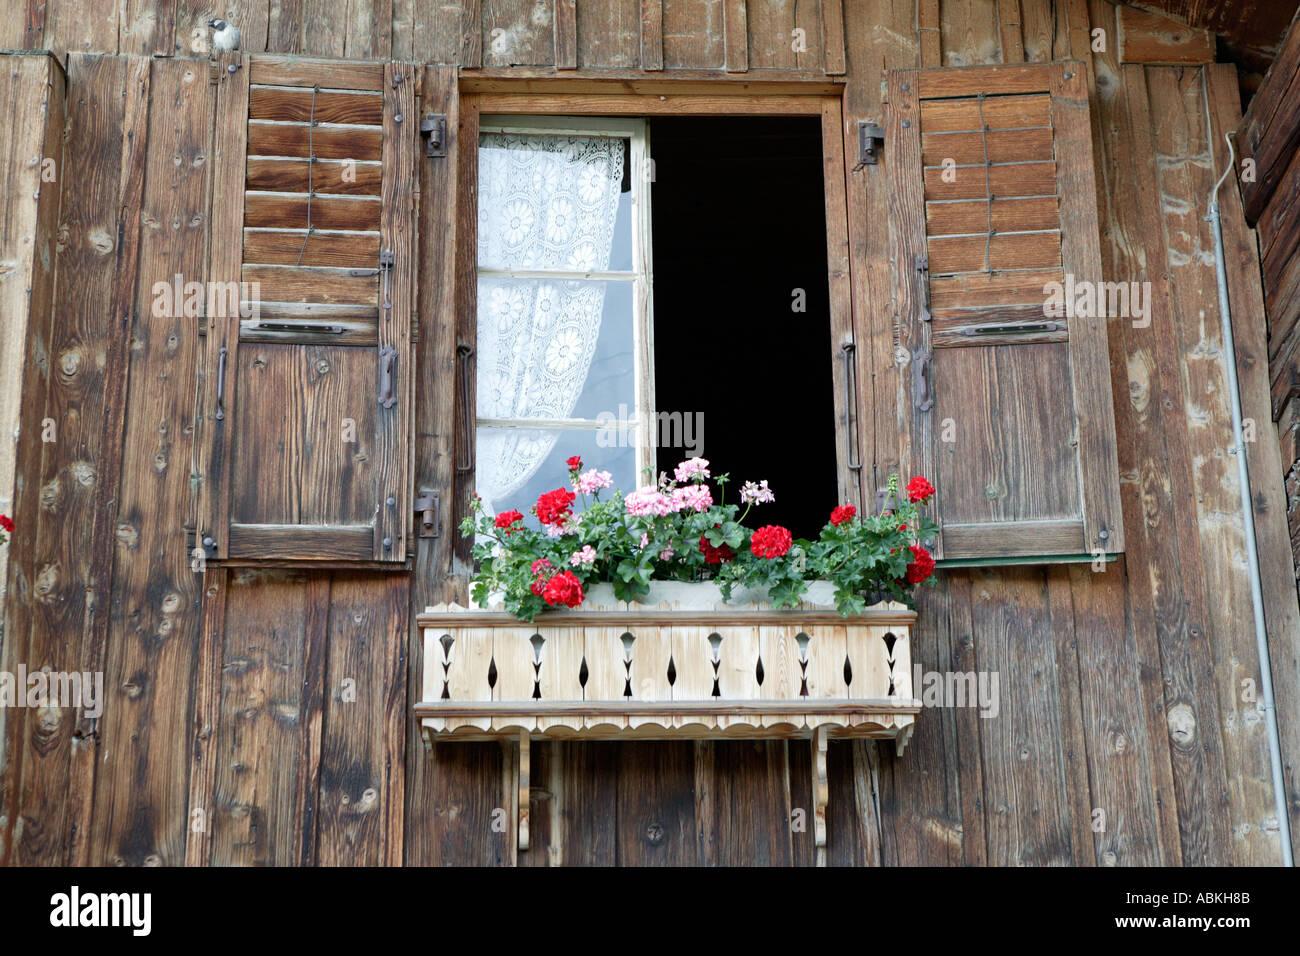 chalet en bois de style alpin traditionnel avec des rideaux de dentelle et fleurs a leysin vieille ville en valais en suisse europe photo stock alamy